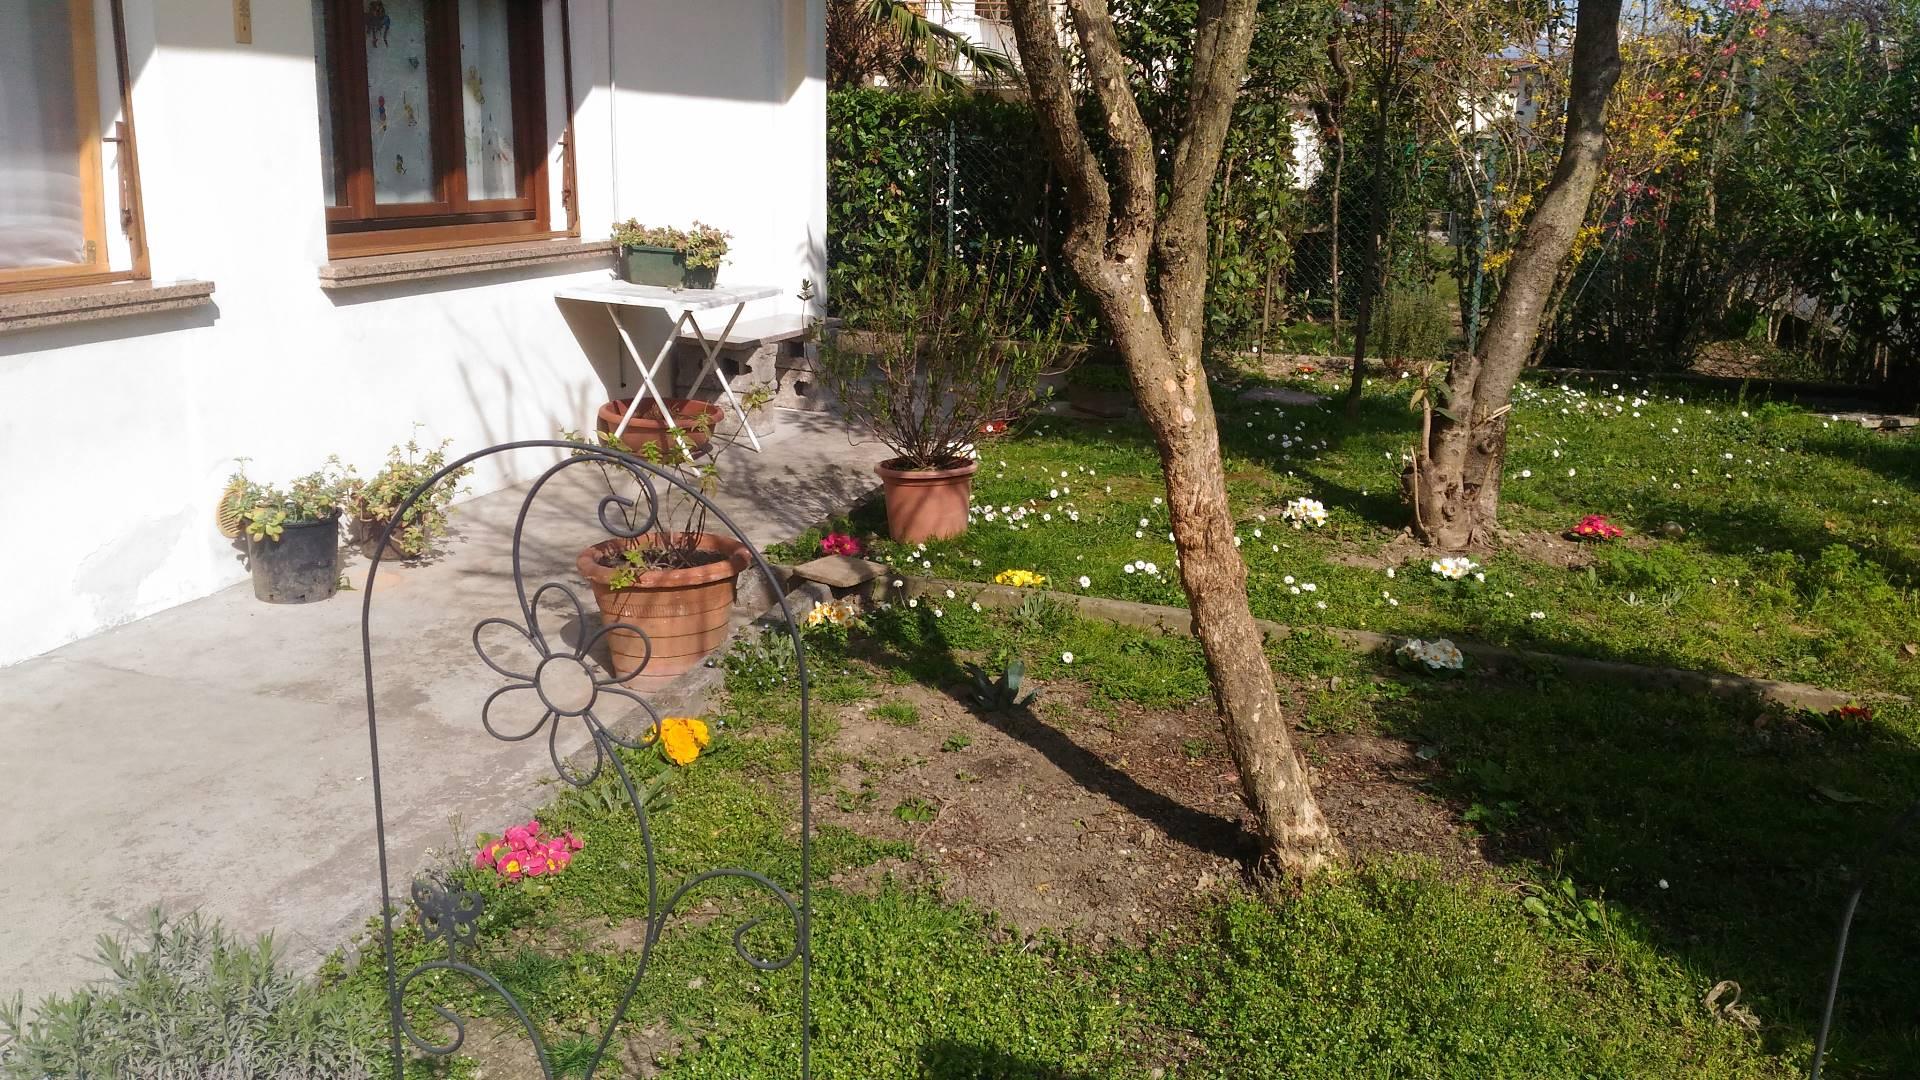 Appartamento in vendita a Santa Lucia di Piave, 4 locali, prezzo € 70.000 | CambioCasa.it